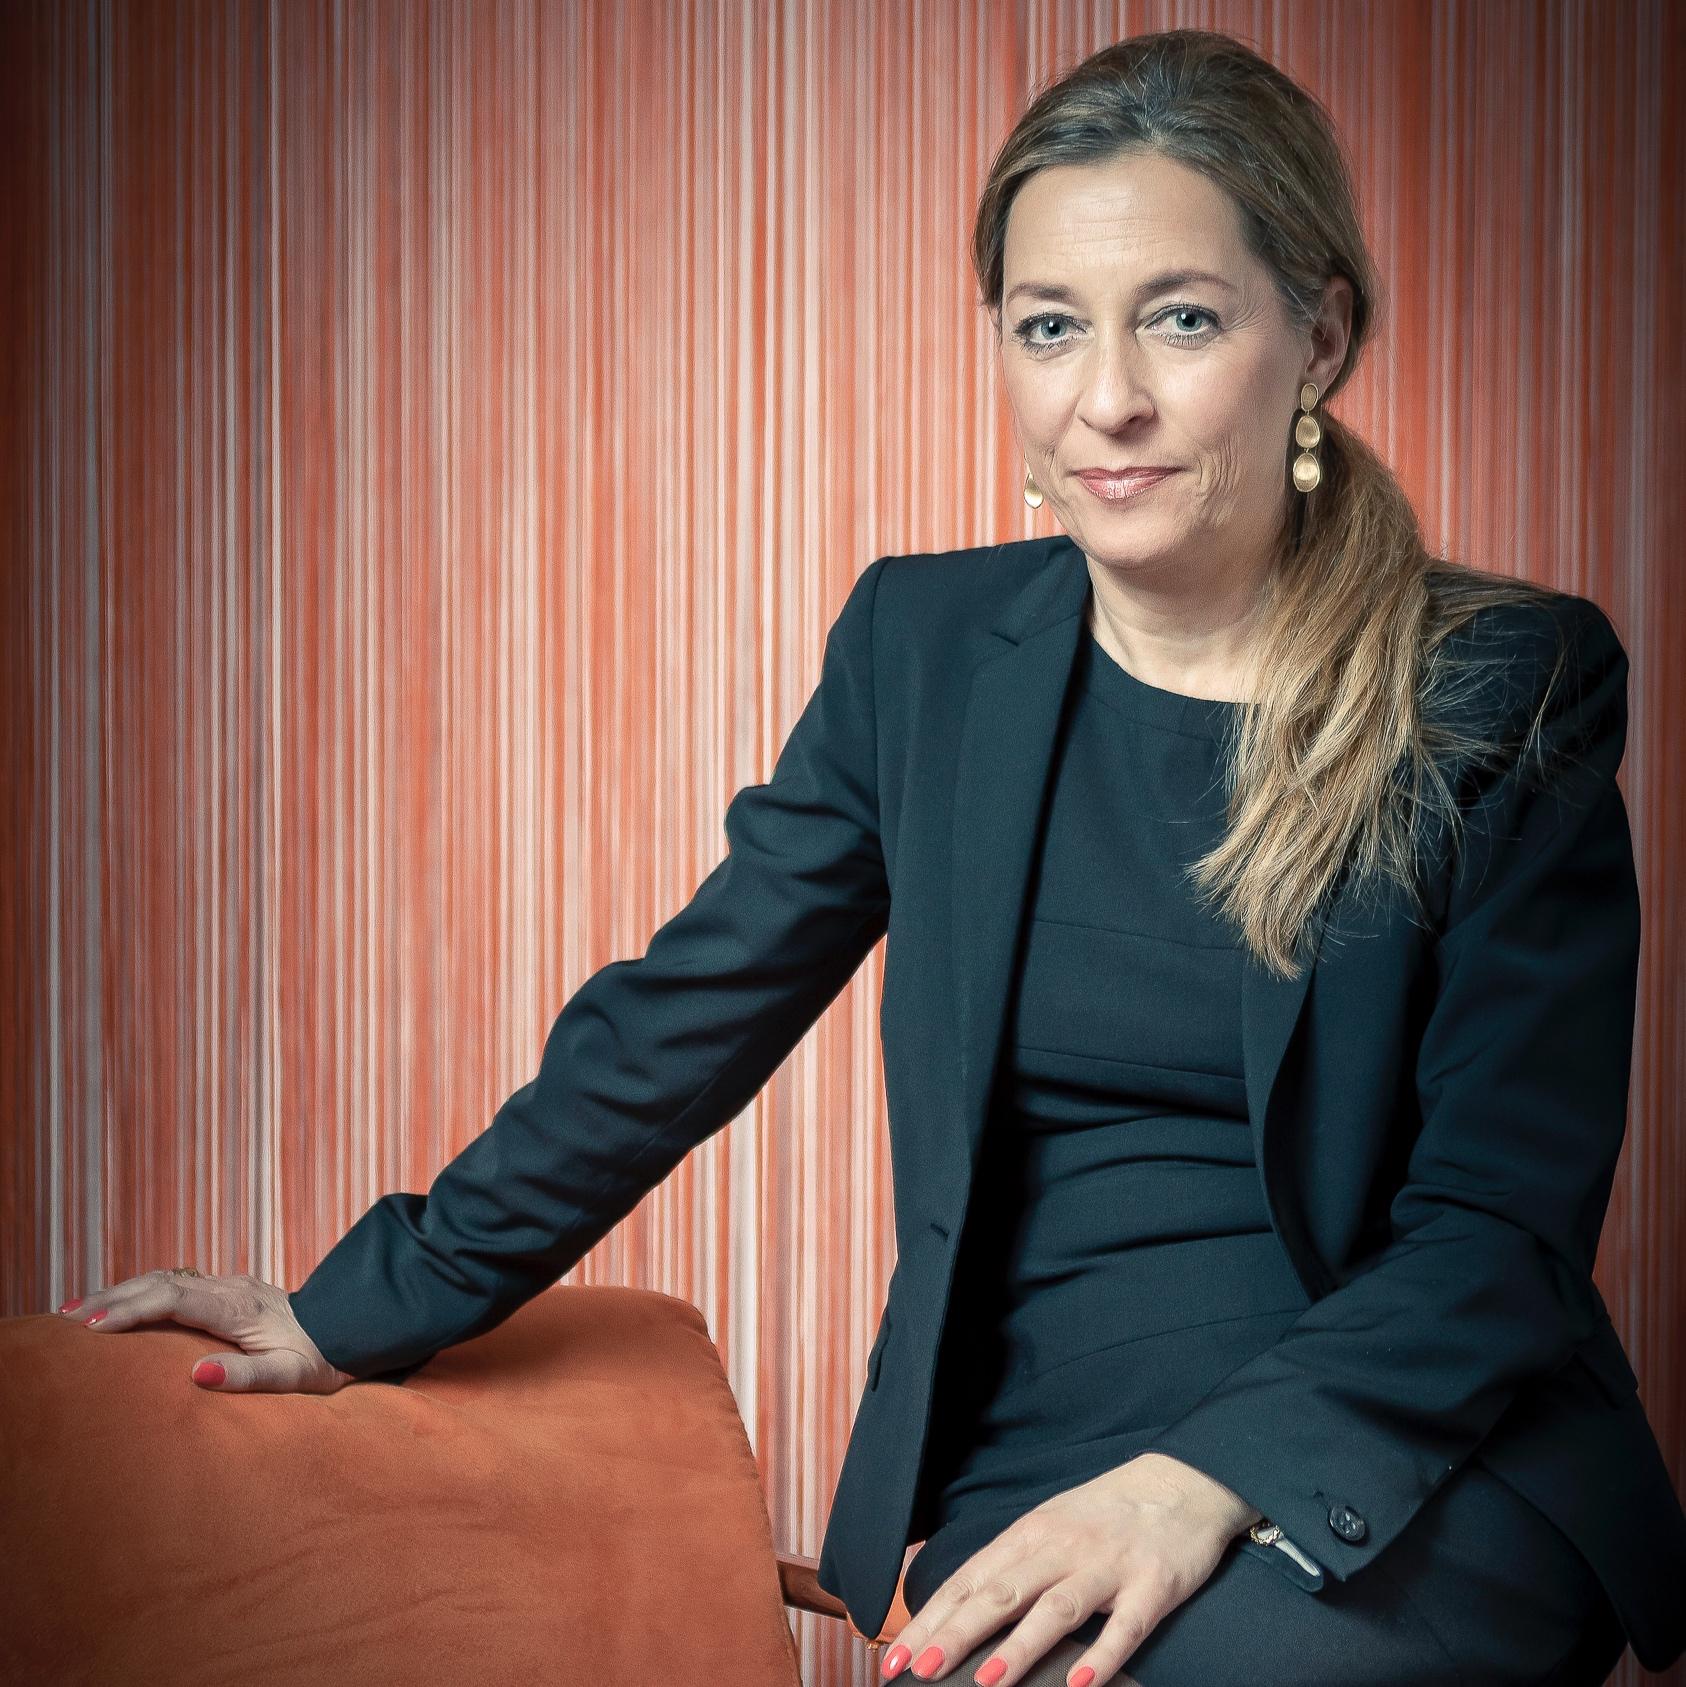 Julia Schulz - 9. Mai 2019Grenzen setzen und nein sagen – in Achtsamkeit, aber bestimmt!